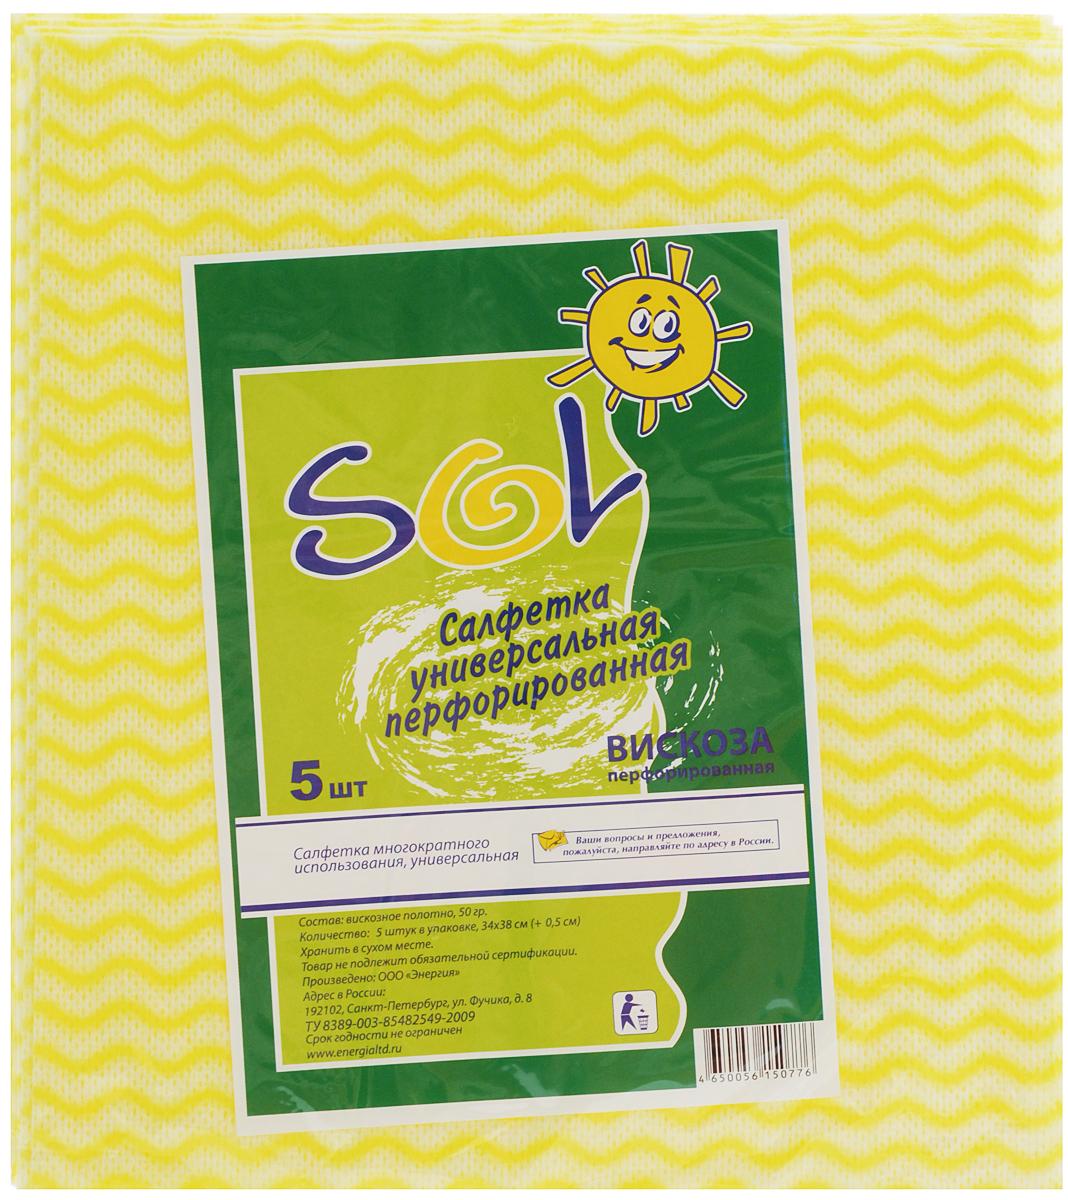 Салфетка для уборки Sol из вискозы, перфорированная, цвет: желтый, 34 x 38 см, 5 шт10005/10053_желтый 2Перфорированные салфетки для уборки Sol, выполненные из вискозы, предназначены для уборки и могут применяться с различными моющими средствами. Эффективно впитывают жидкость. Мягкие и прочные, легко отжимаются и быстро сохнут.Рекомендации по уходу: Для обеспечения гигиеничности уборки после применения прополоскать в теплой воде.Для продления срока службы не применять машинную стирку, не гладить и не кипятить.